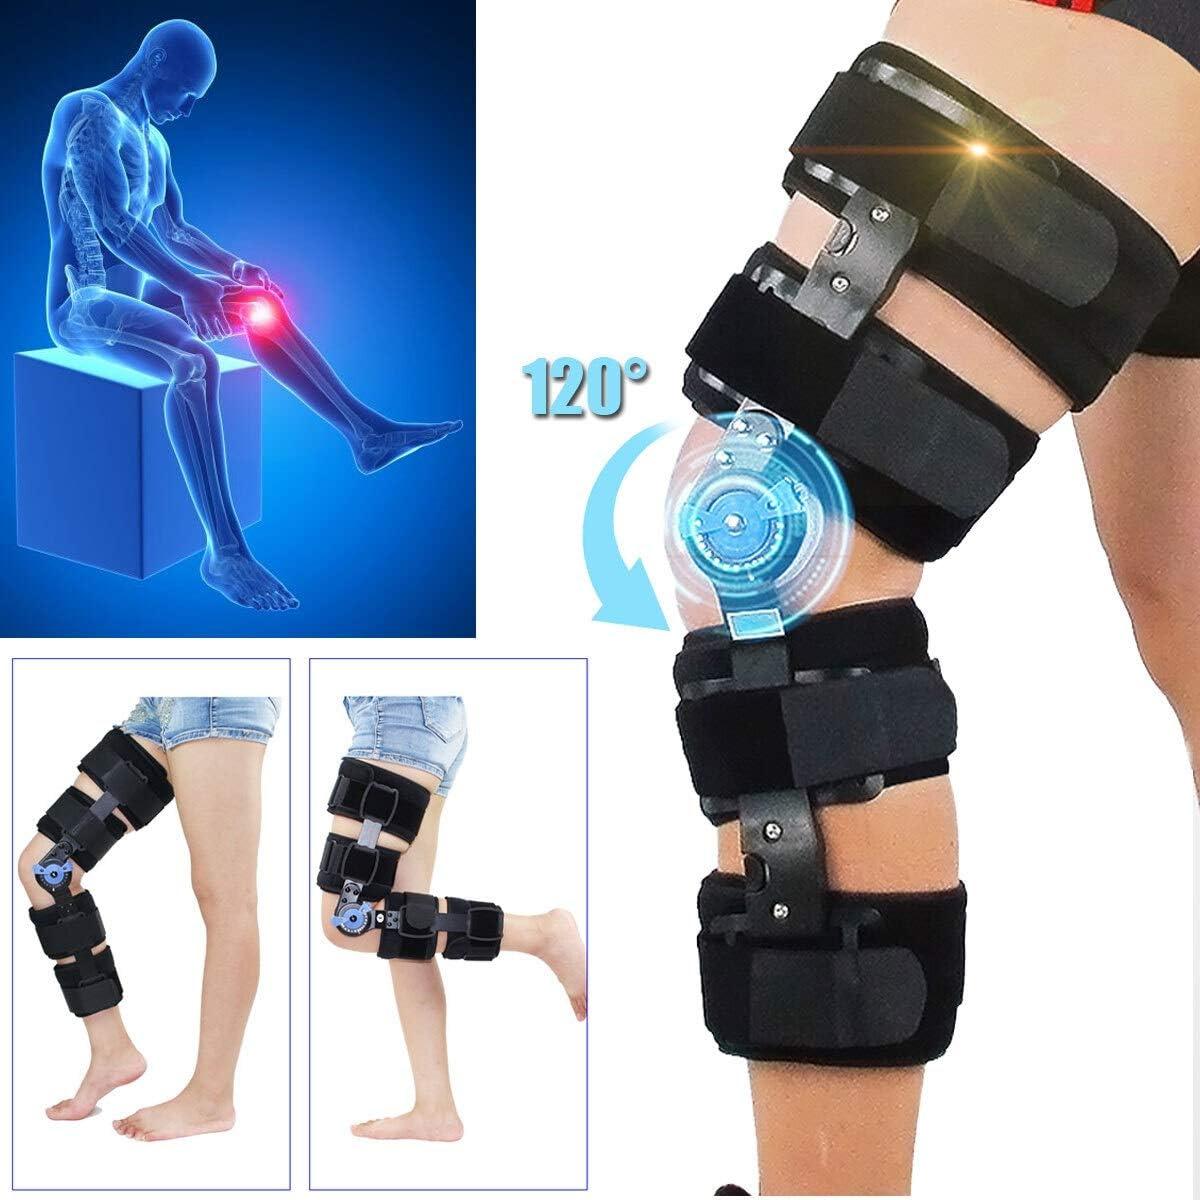 Rodilleras médicas Médico ortopédico rodillera ajustable 0-120 grados con bisagras de la rodilla de la pierna Apoyos y Soporte y rodilla de protección for recuperar Estabil